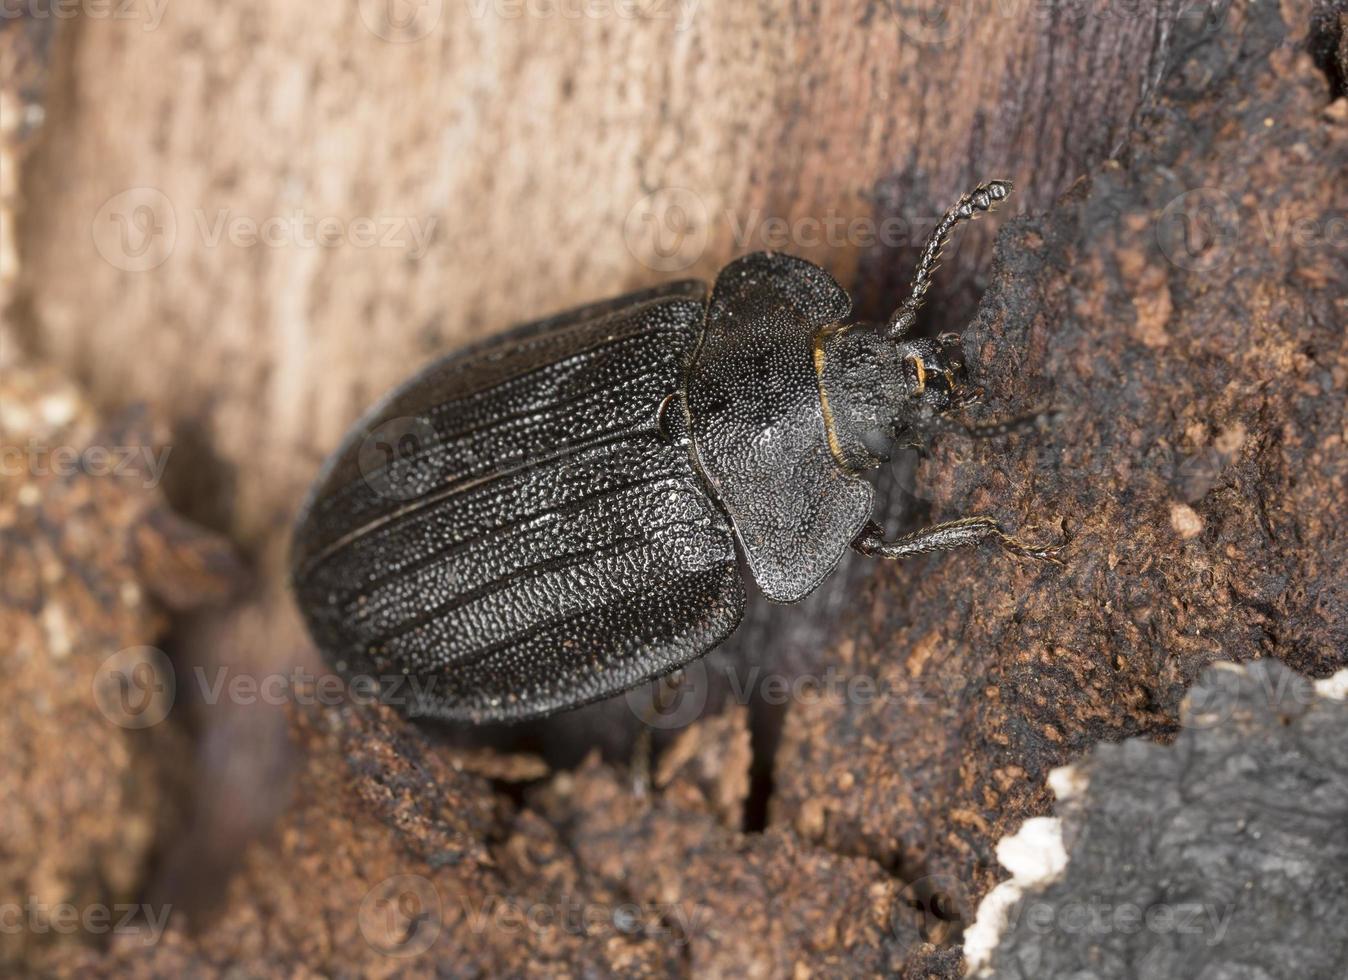 peltis grossa, trogossitidae sur bois photo